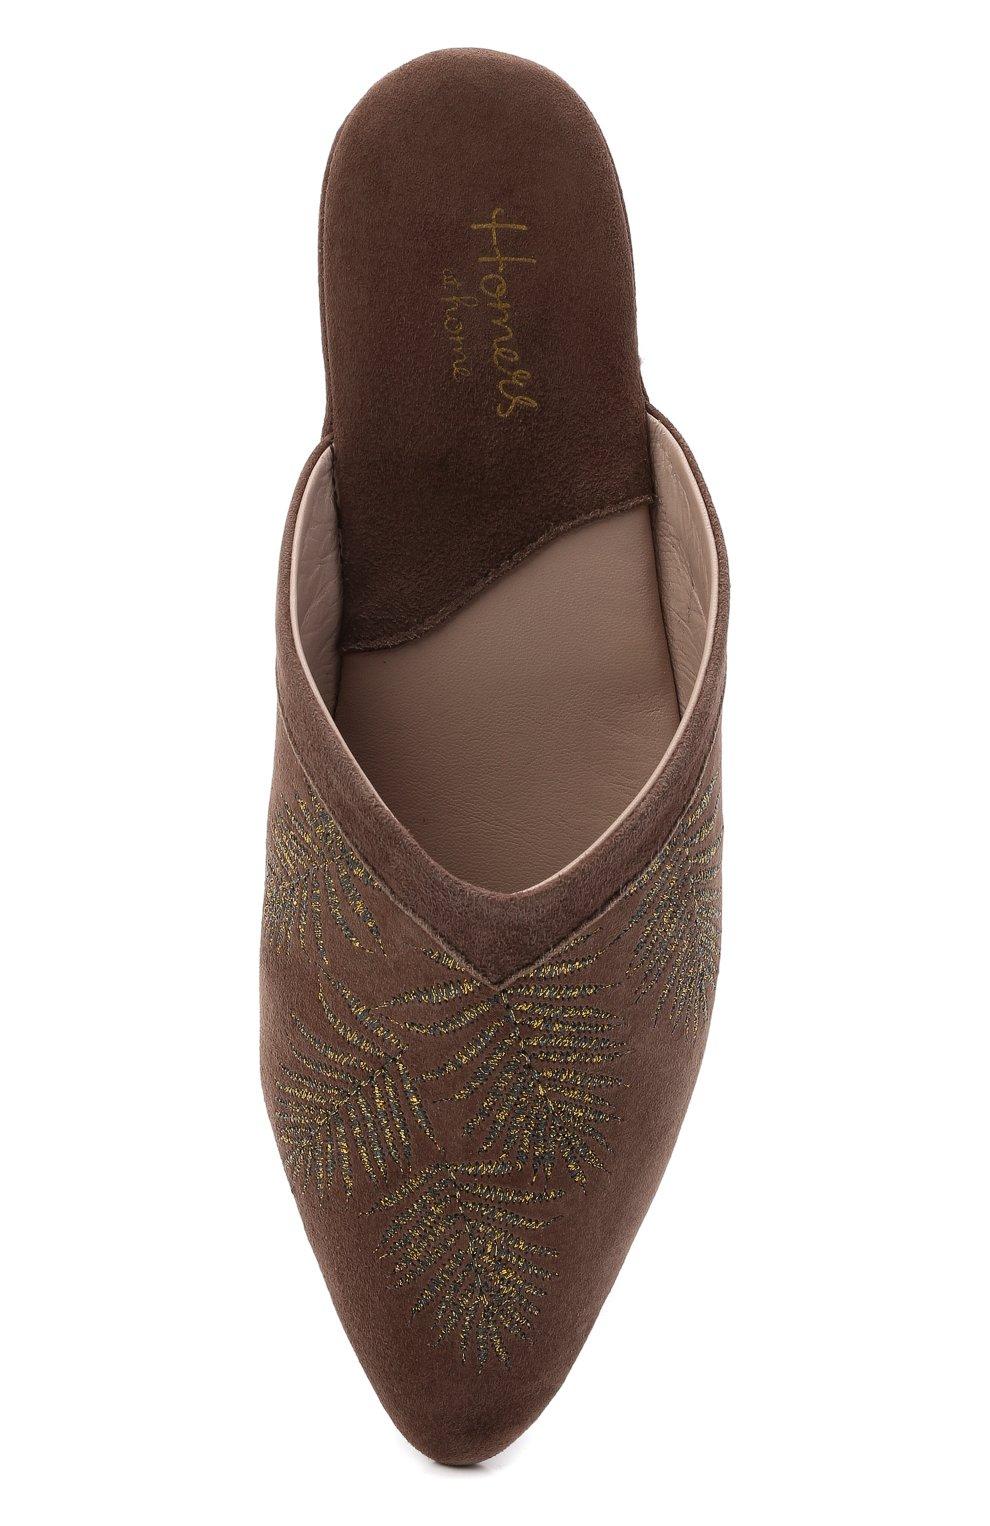 Женского туфли комнатные HOMERS AT HOME темно-коричневого цвета, арт. 19077R/ANTE | Фото 5 (Каблук высота: Низкий; Материал внутренний: Натуральная кожа; Женское Кросс-КТ: тапочки-домашняя обувь; Подошва: Плоская)